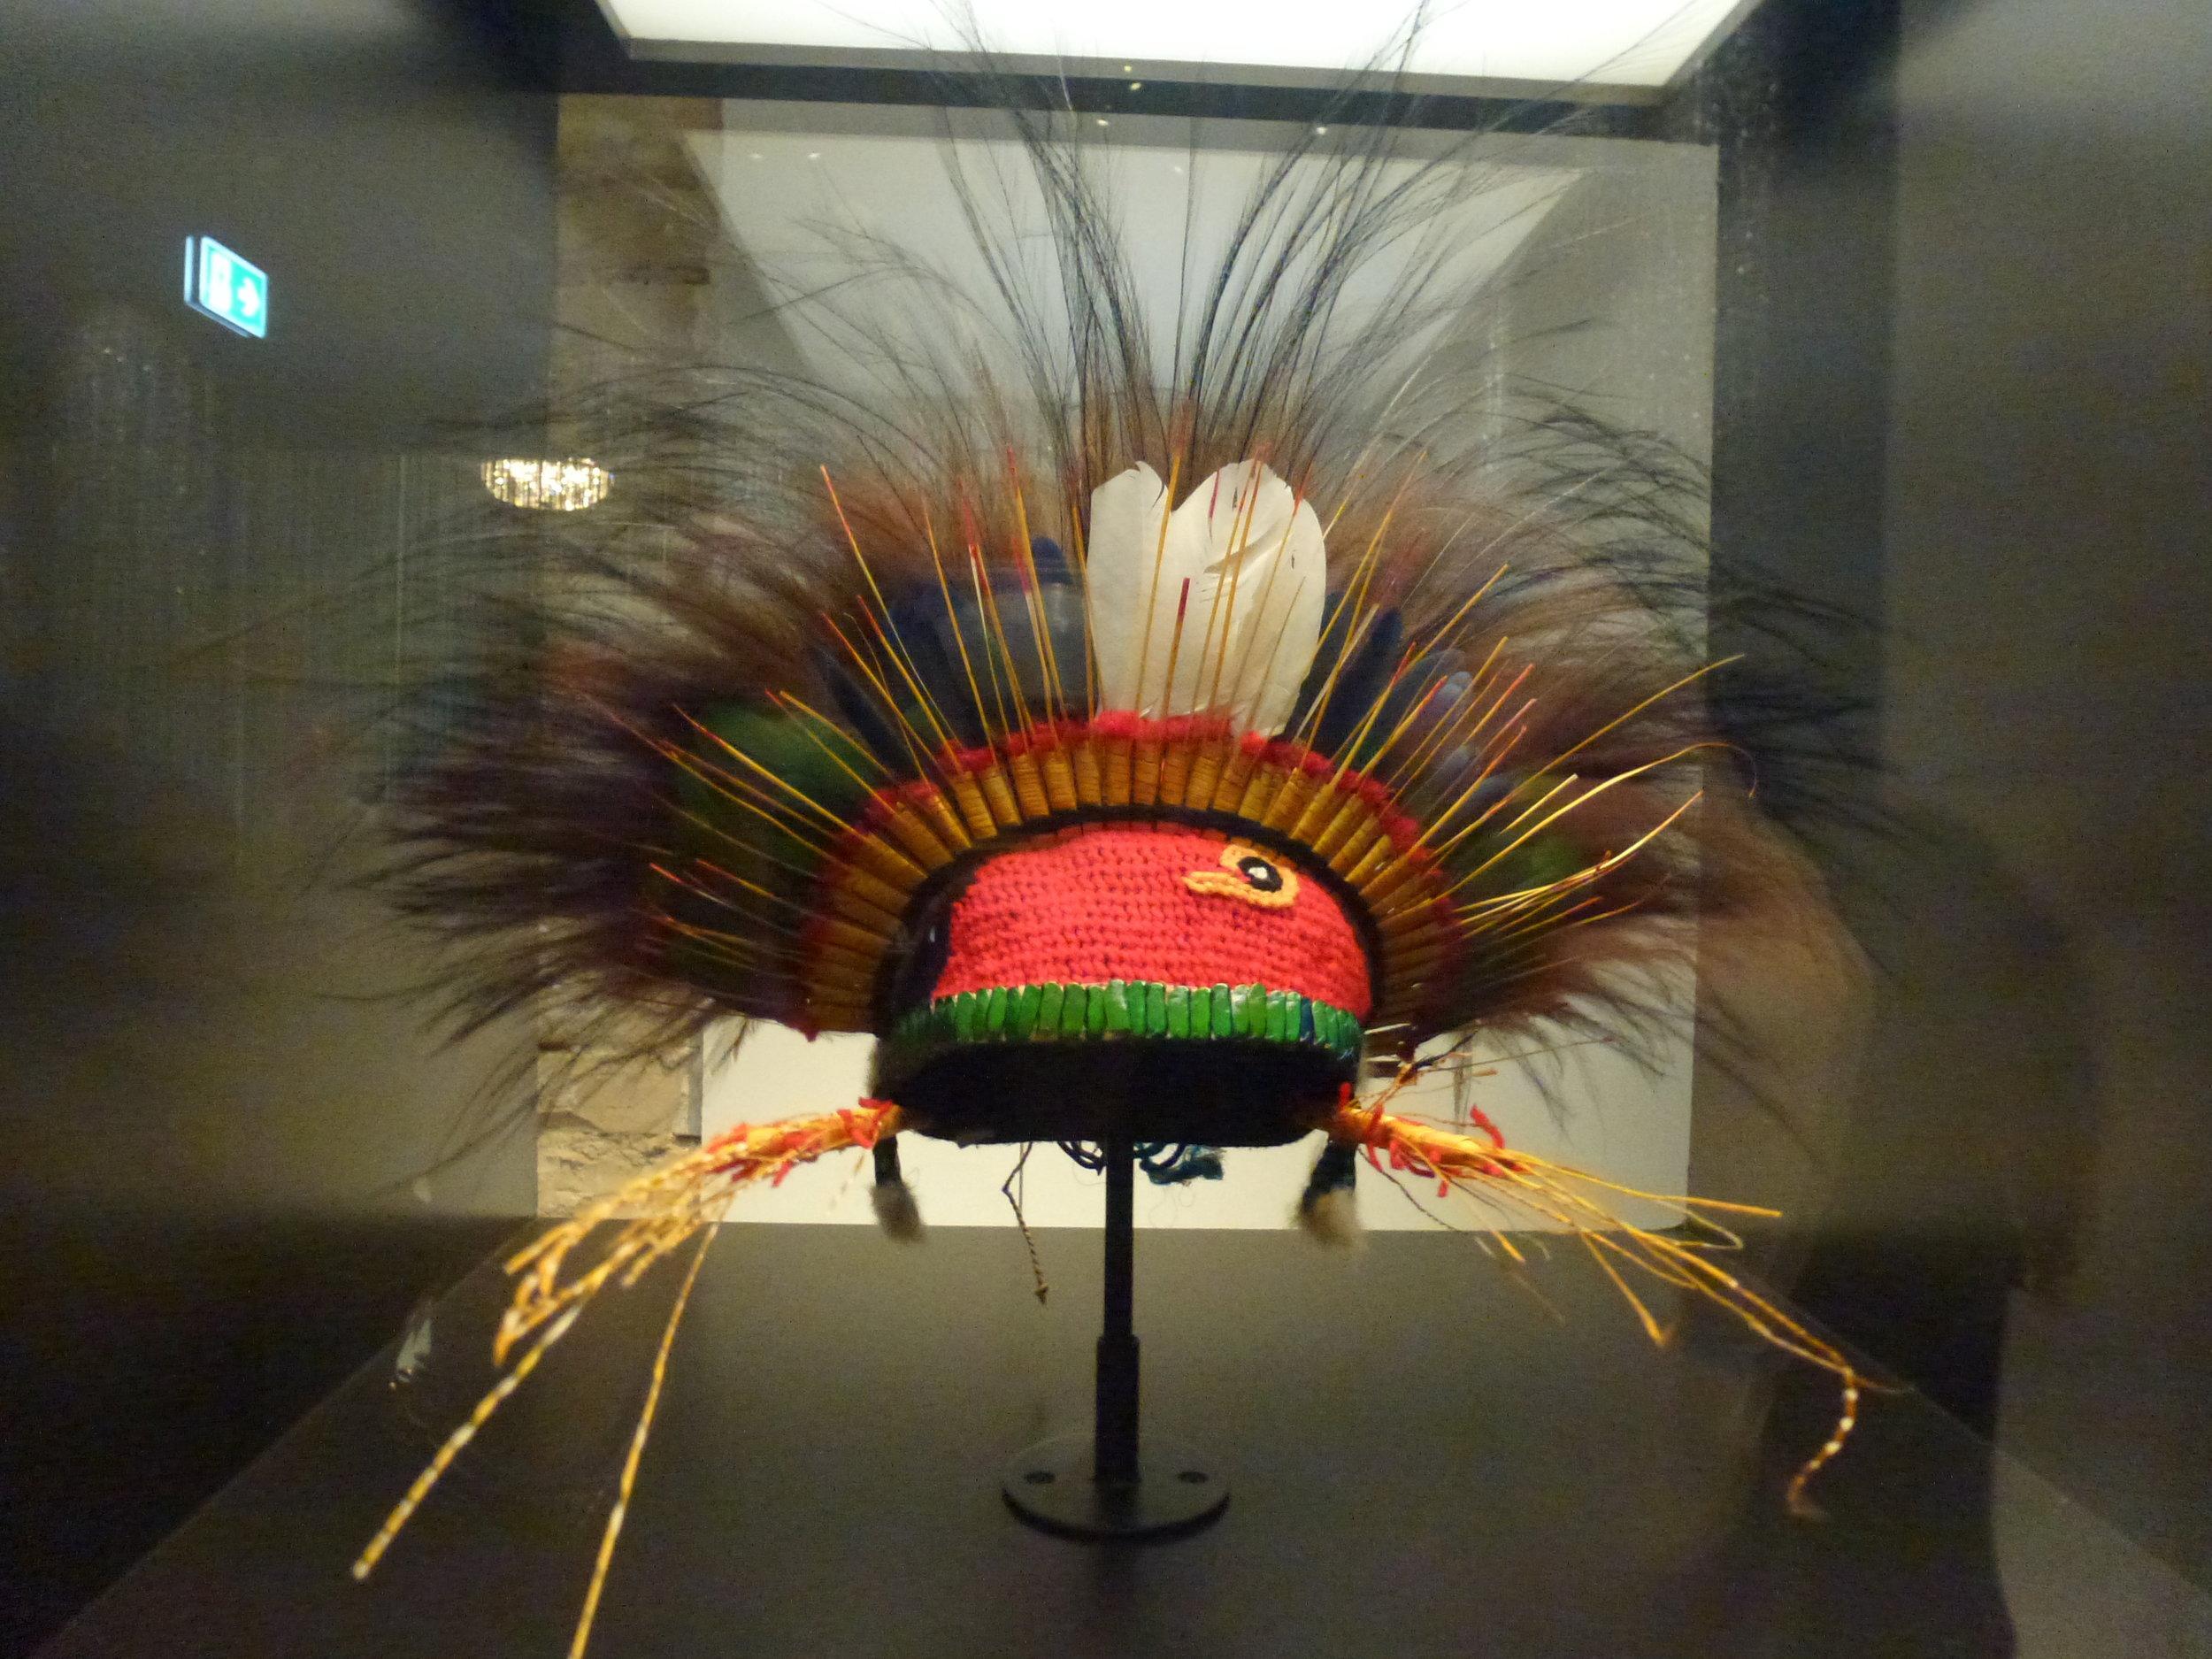 Les coiffes de Papouasie - Nouvelle Guinée sont présentées dans l'espace Plumes, en regard à nos cabarets occidentaux